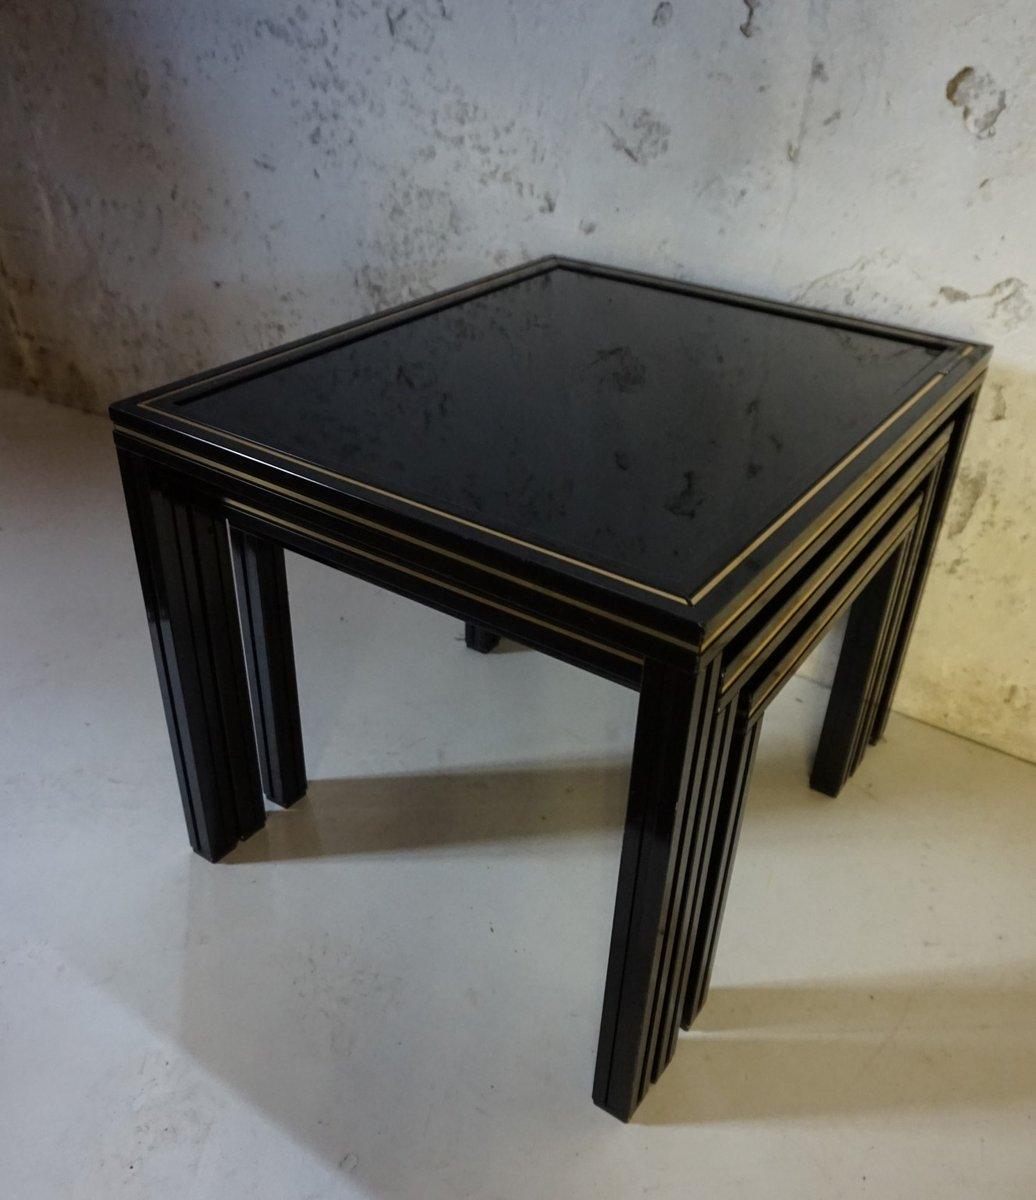 satztische von pierre vandel 1970er bei pamono kaufen. Black Bedroom Furniture Sets. Home Design Ideas